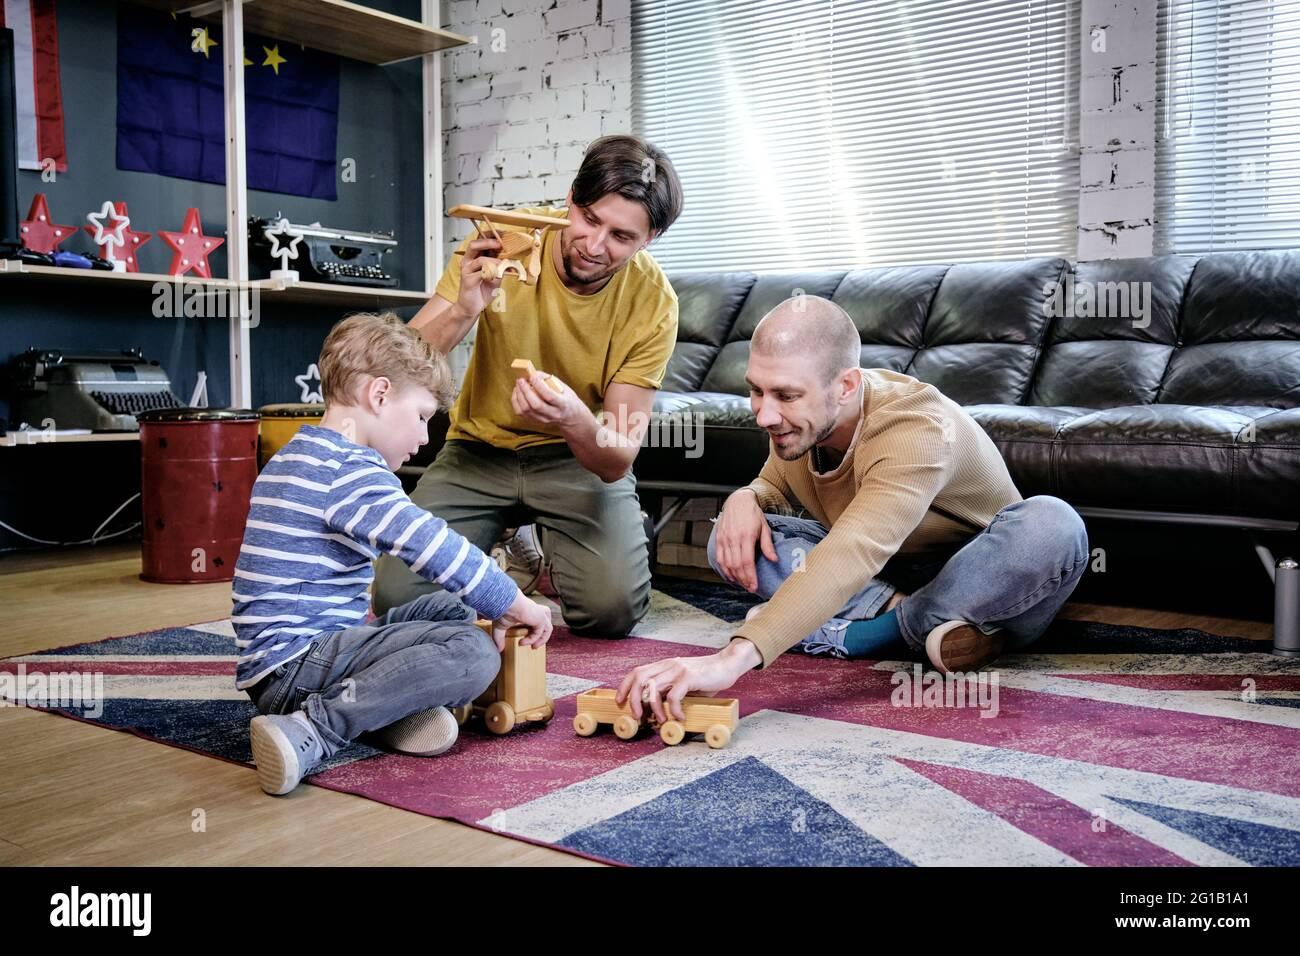 Deux jeunes hommes et un petit garçon jouant sur le sol de la salle de séjour Banque D'Images